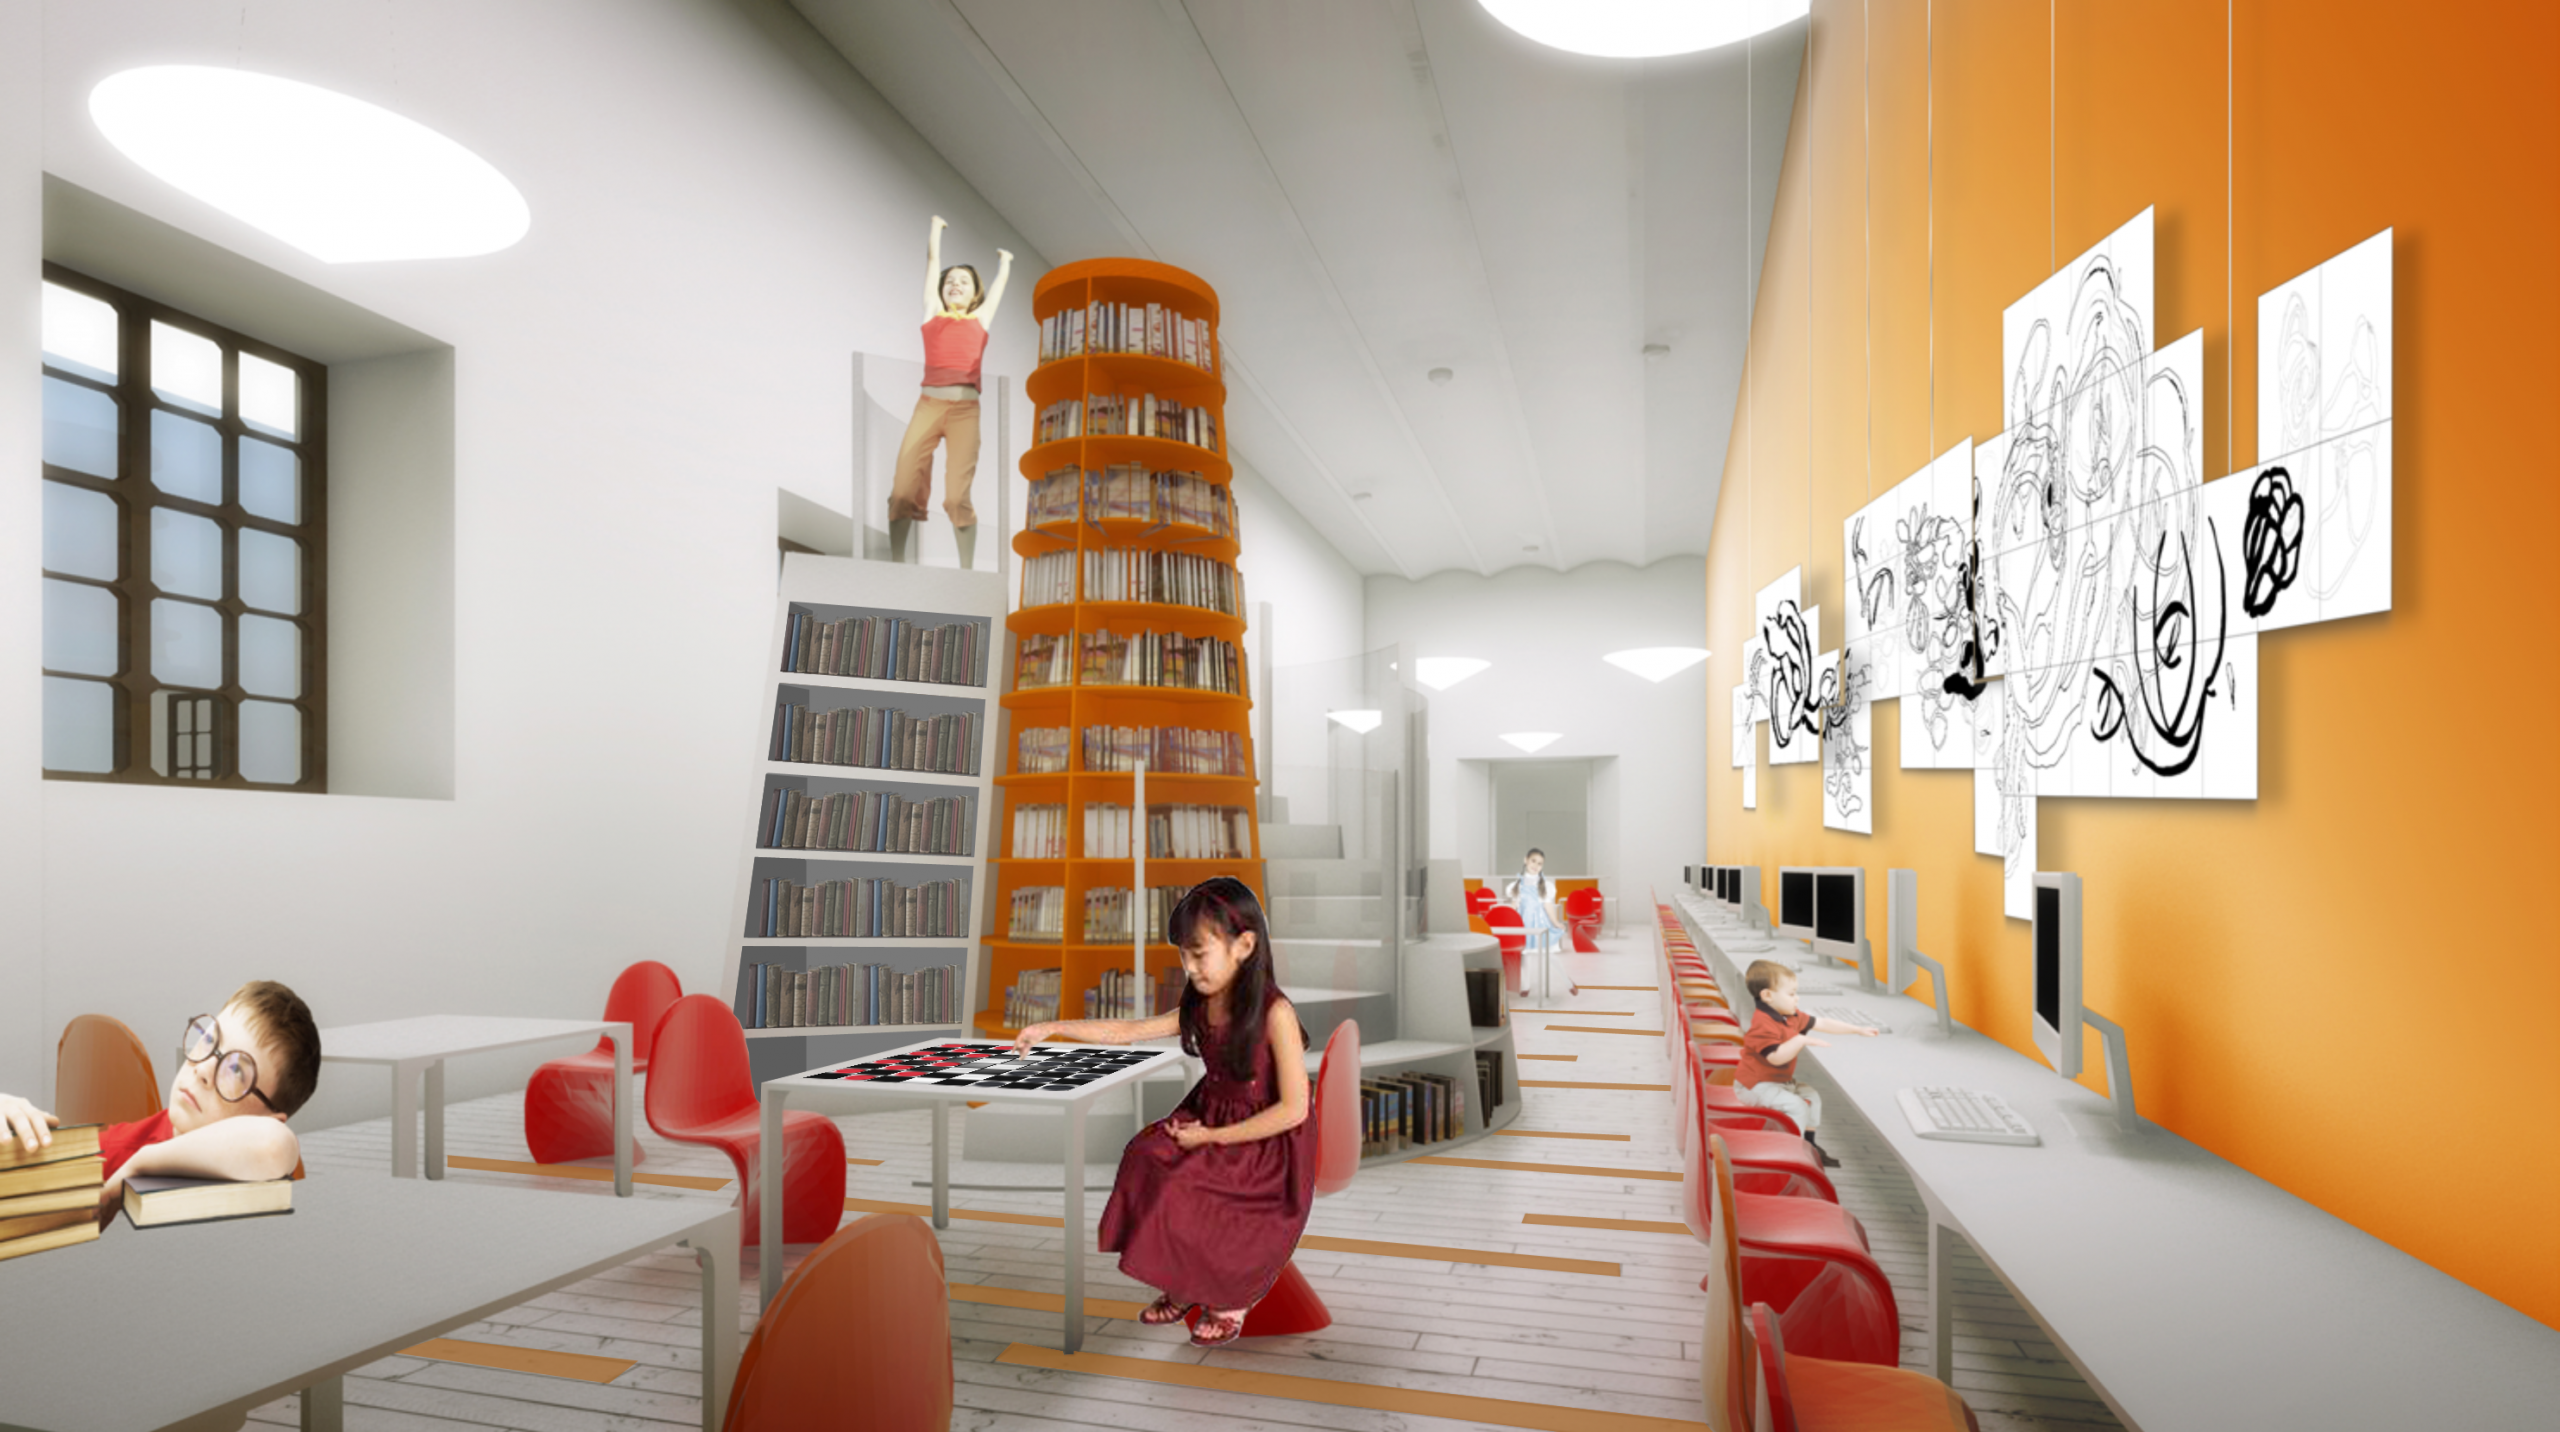 39 Biblioteca Infantil Ciudadela 39 Por Pabellon De